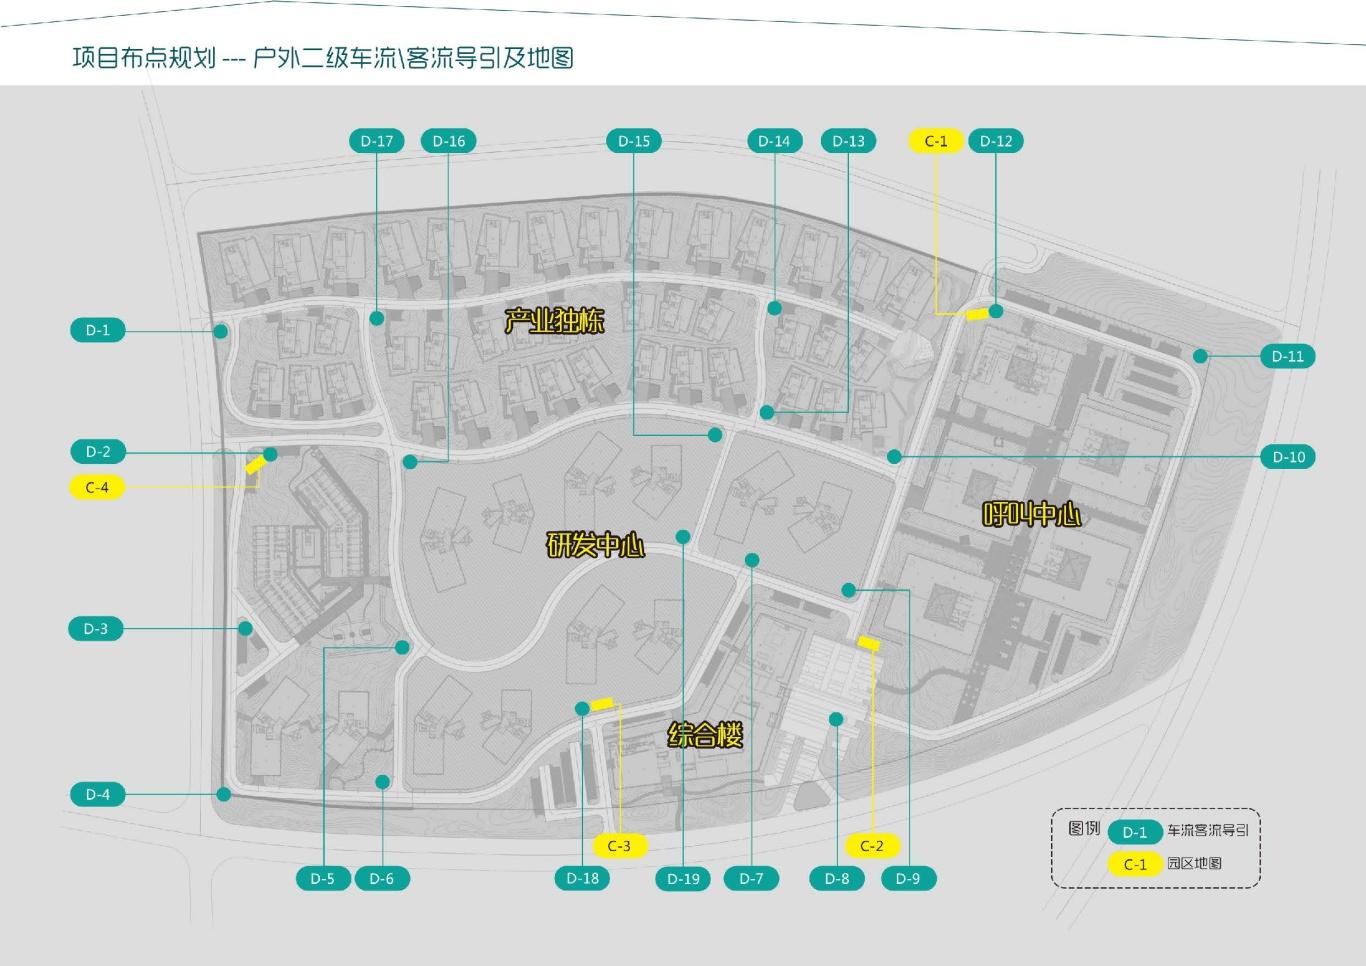 大连泰达慧谷开发区导视系统设计图15